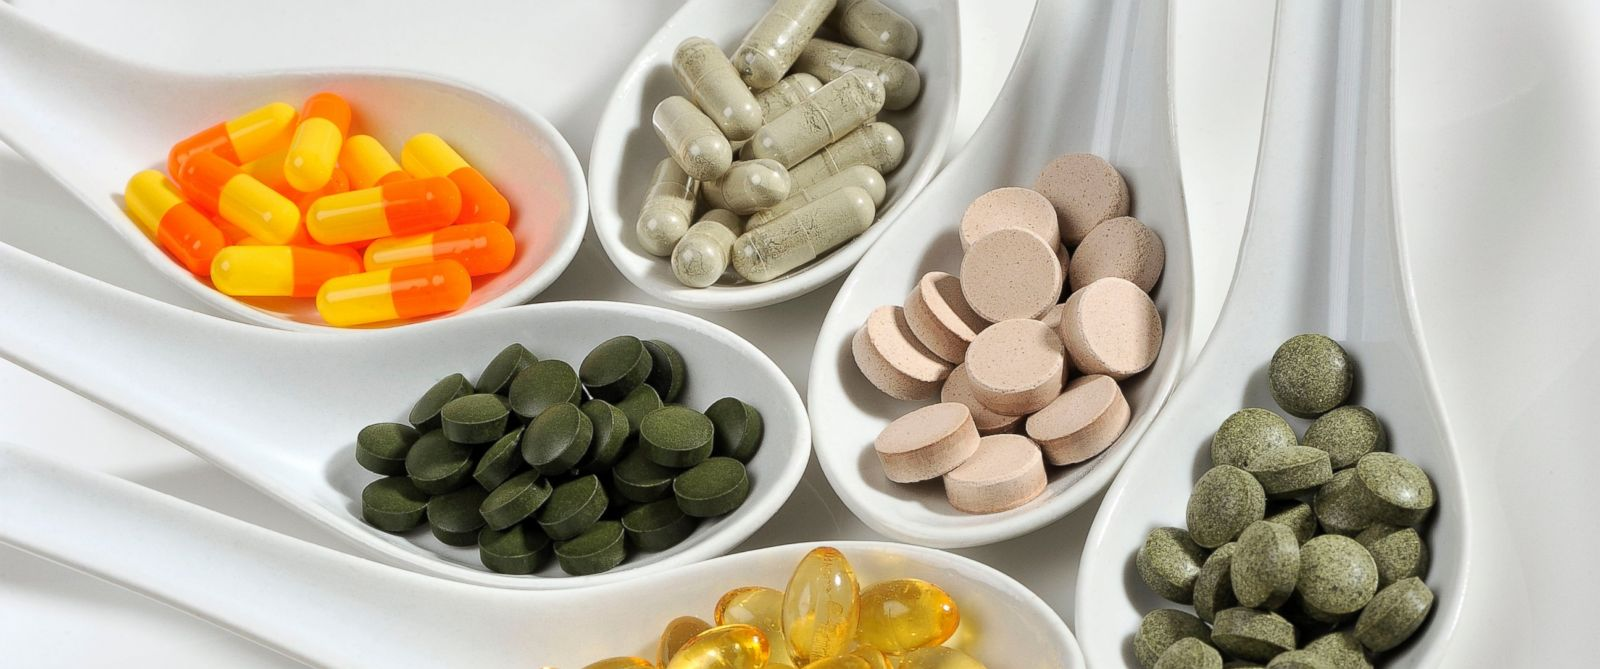 Thực phẩm chức năng có nguy cơ gây hại sức khỏe?